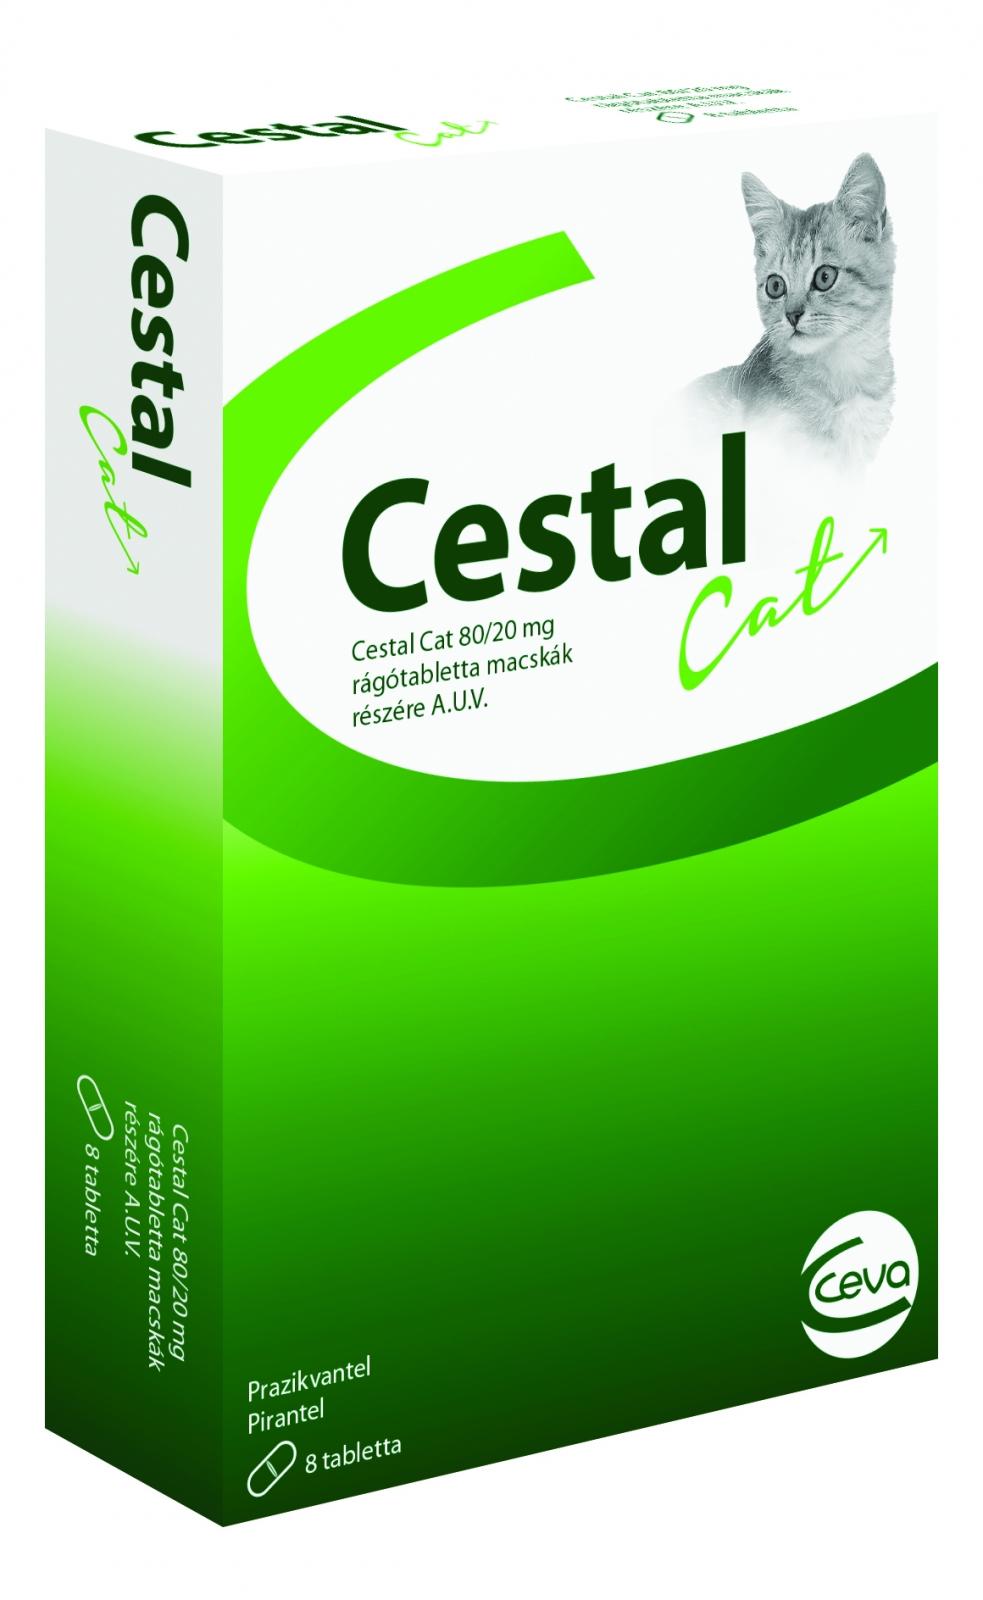 Cestal Cat Deparazitare Interna Pisici X 1 Tablete shop4pet.ro